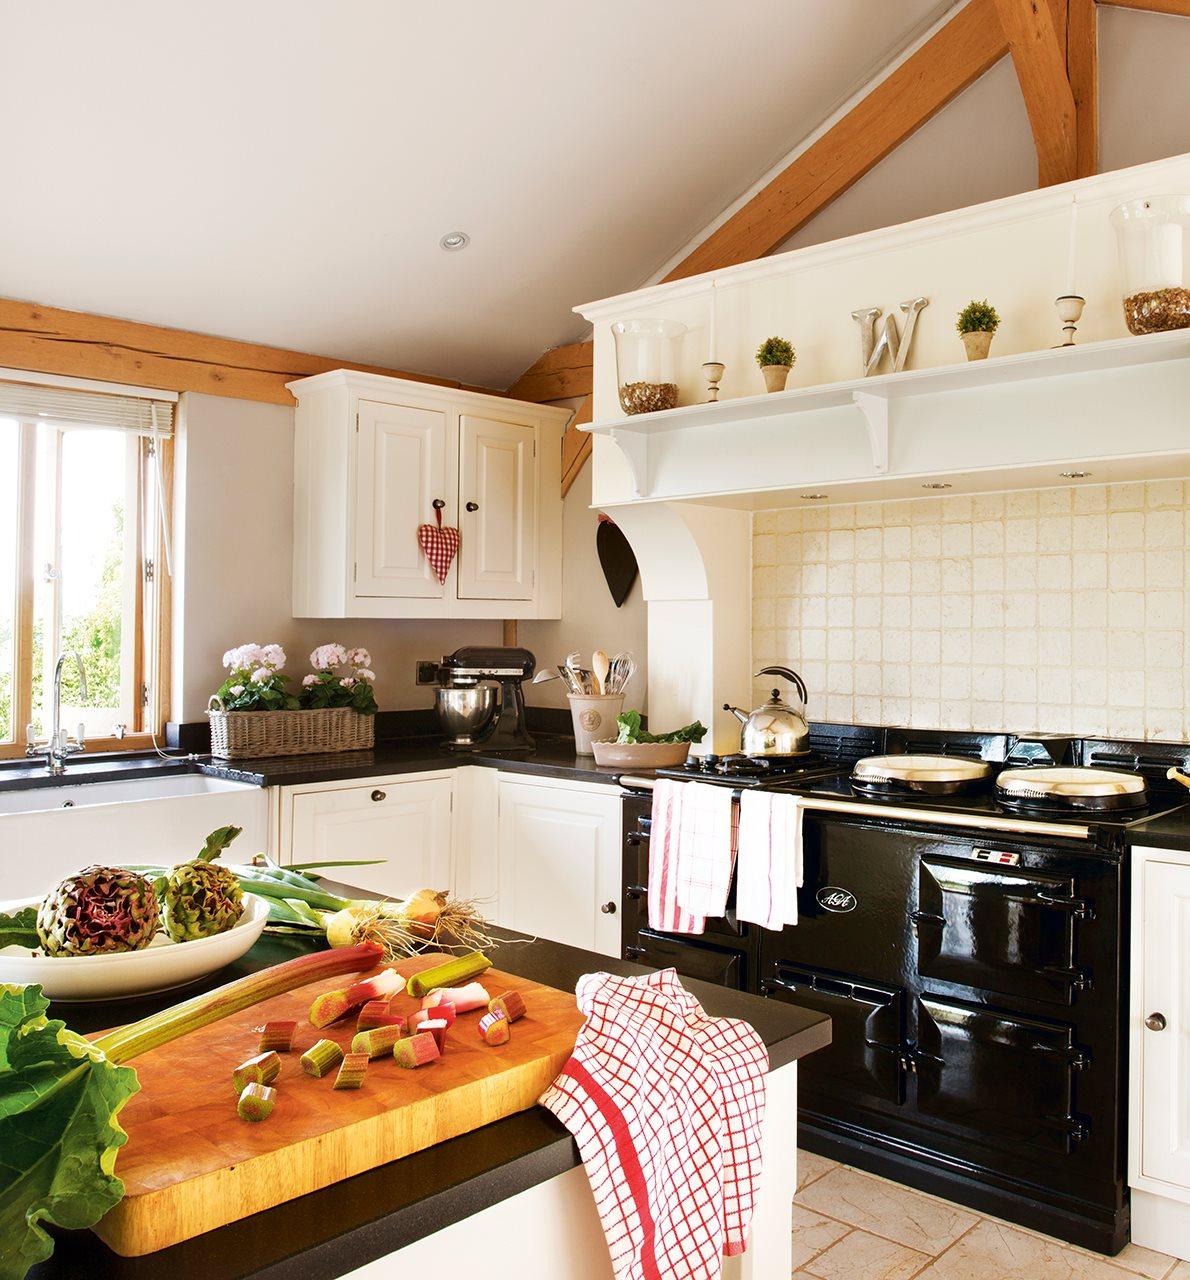 La casita de lady sophia - Cocina con horno ...